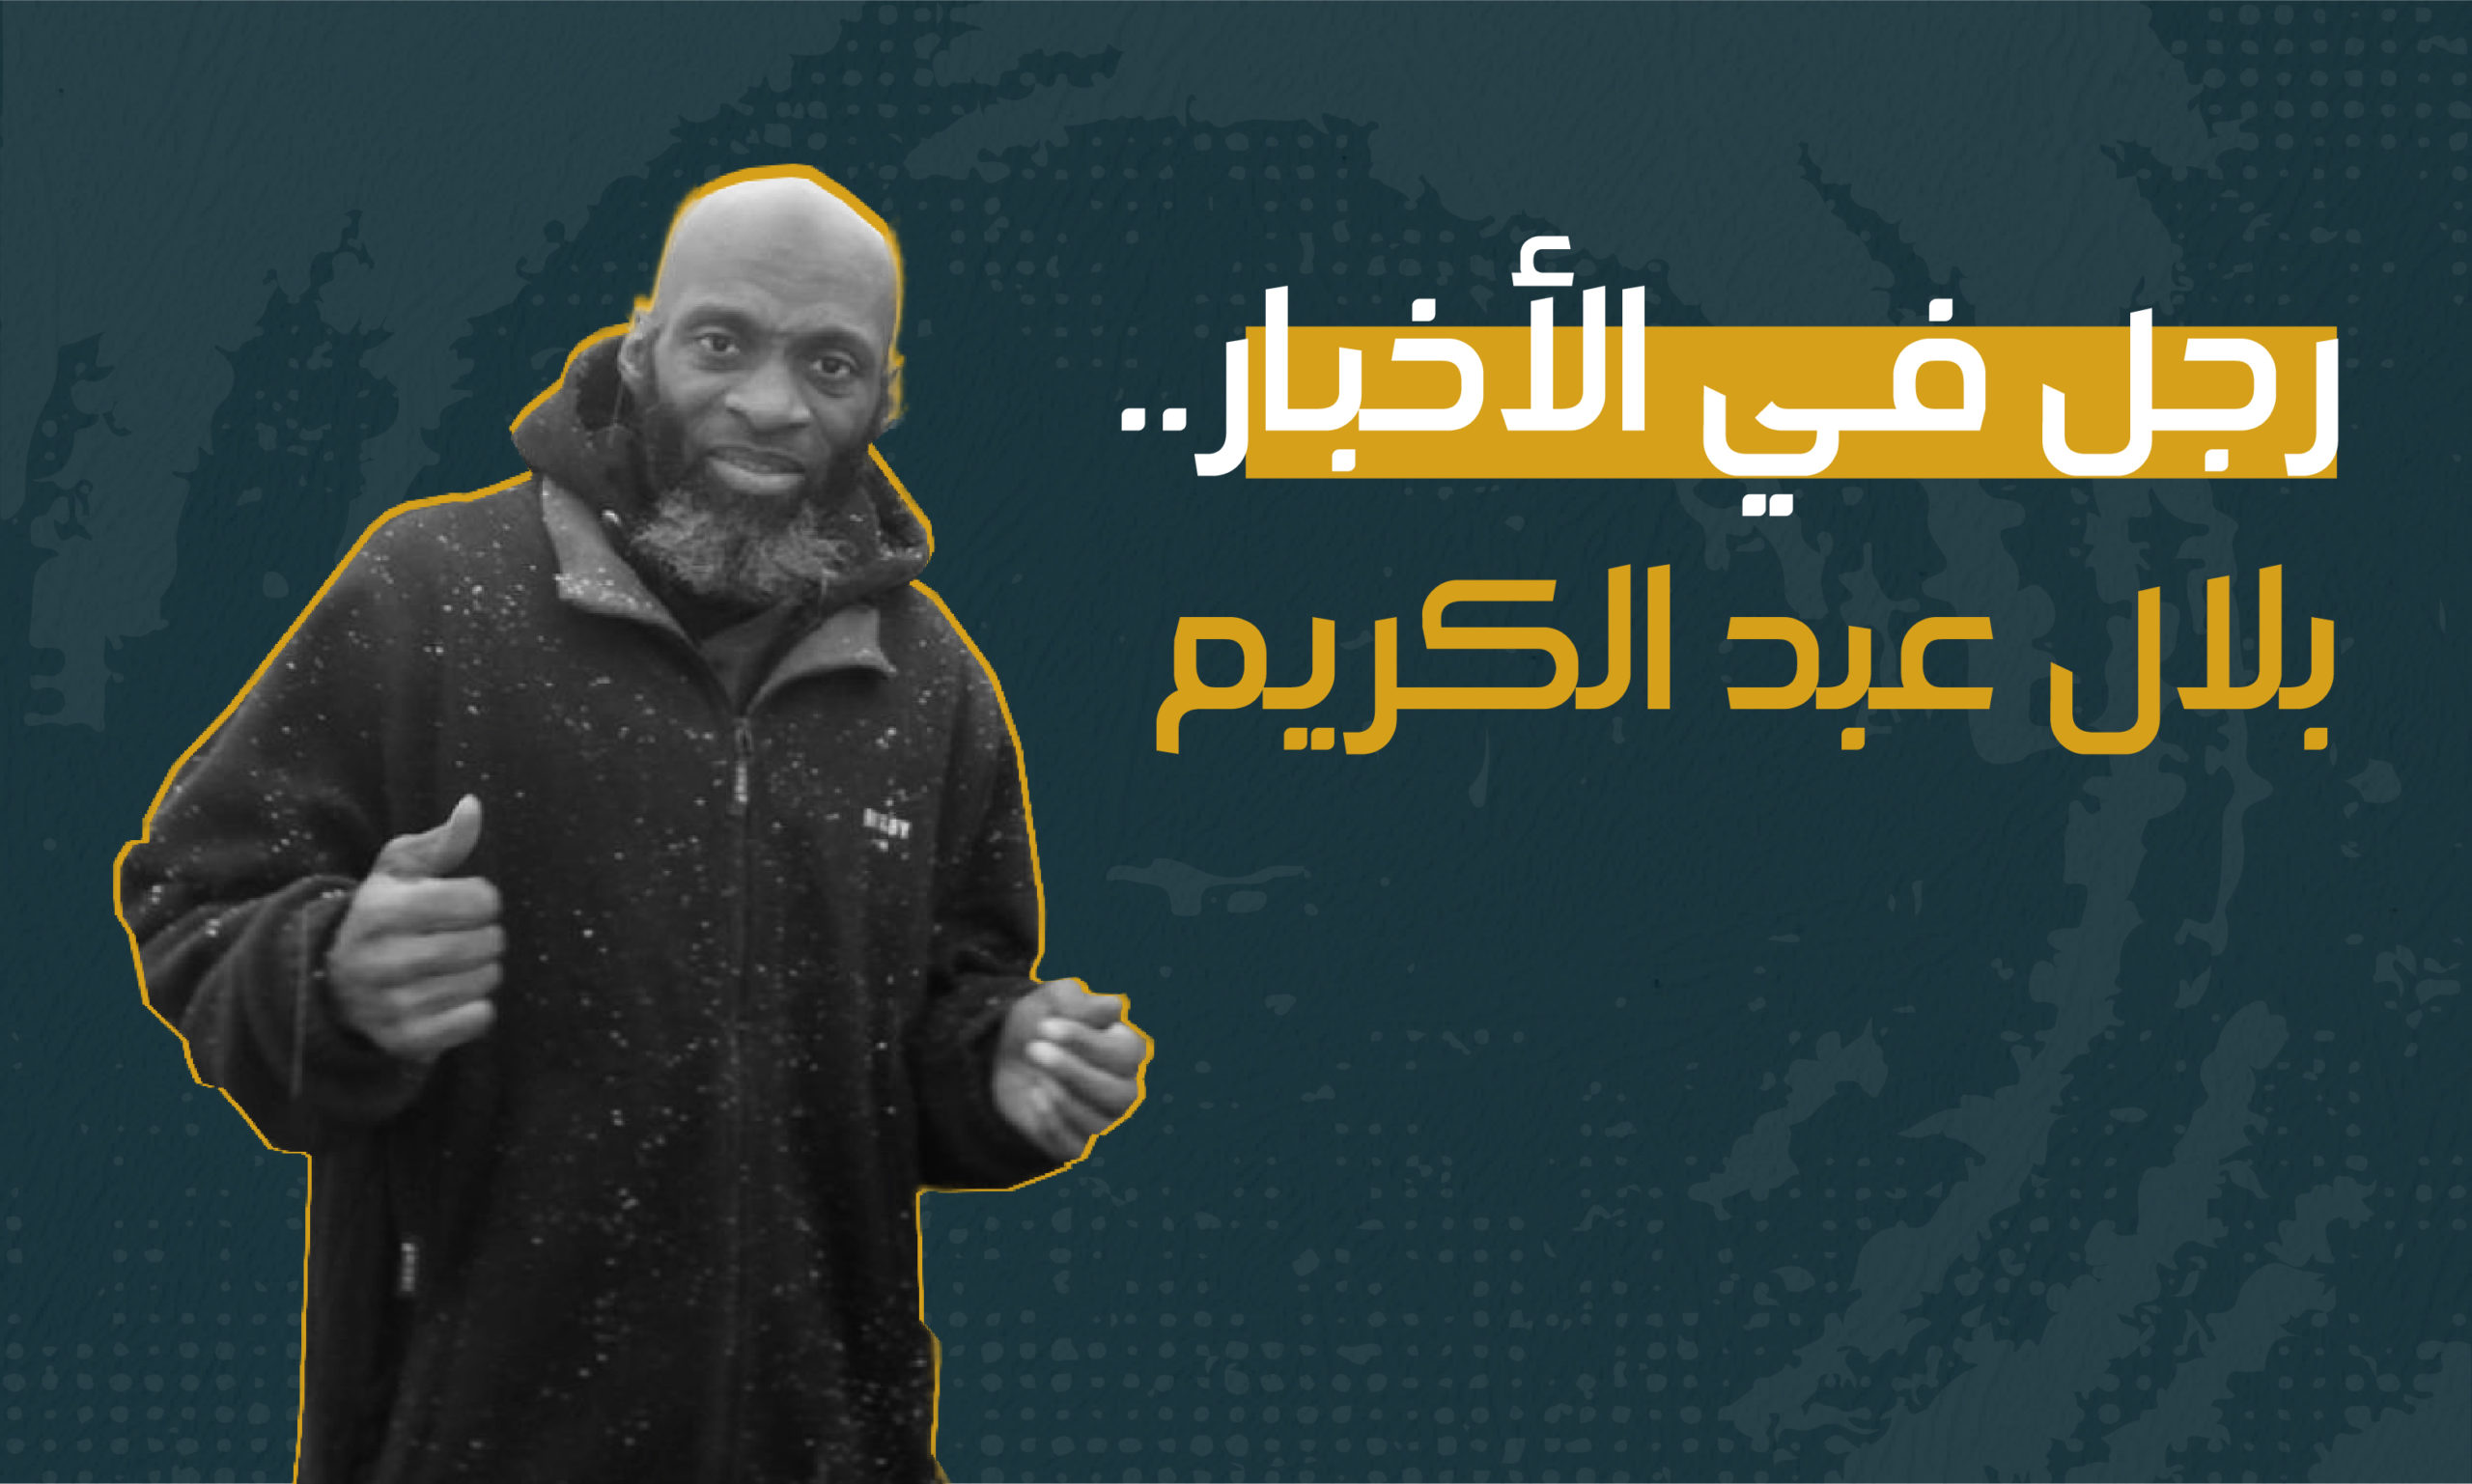 الصحفي الأمريكي، بلال عبد الكريم - 17 آب 2020 (تعديل عنب بلدي)